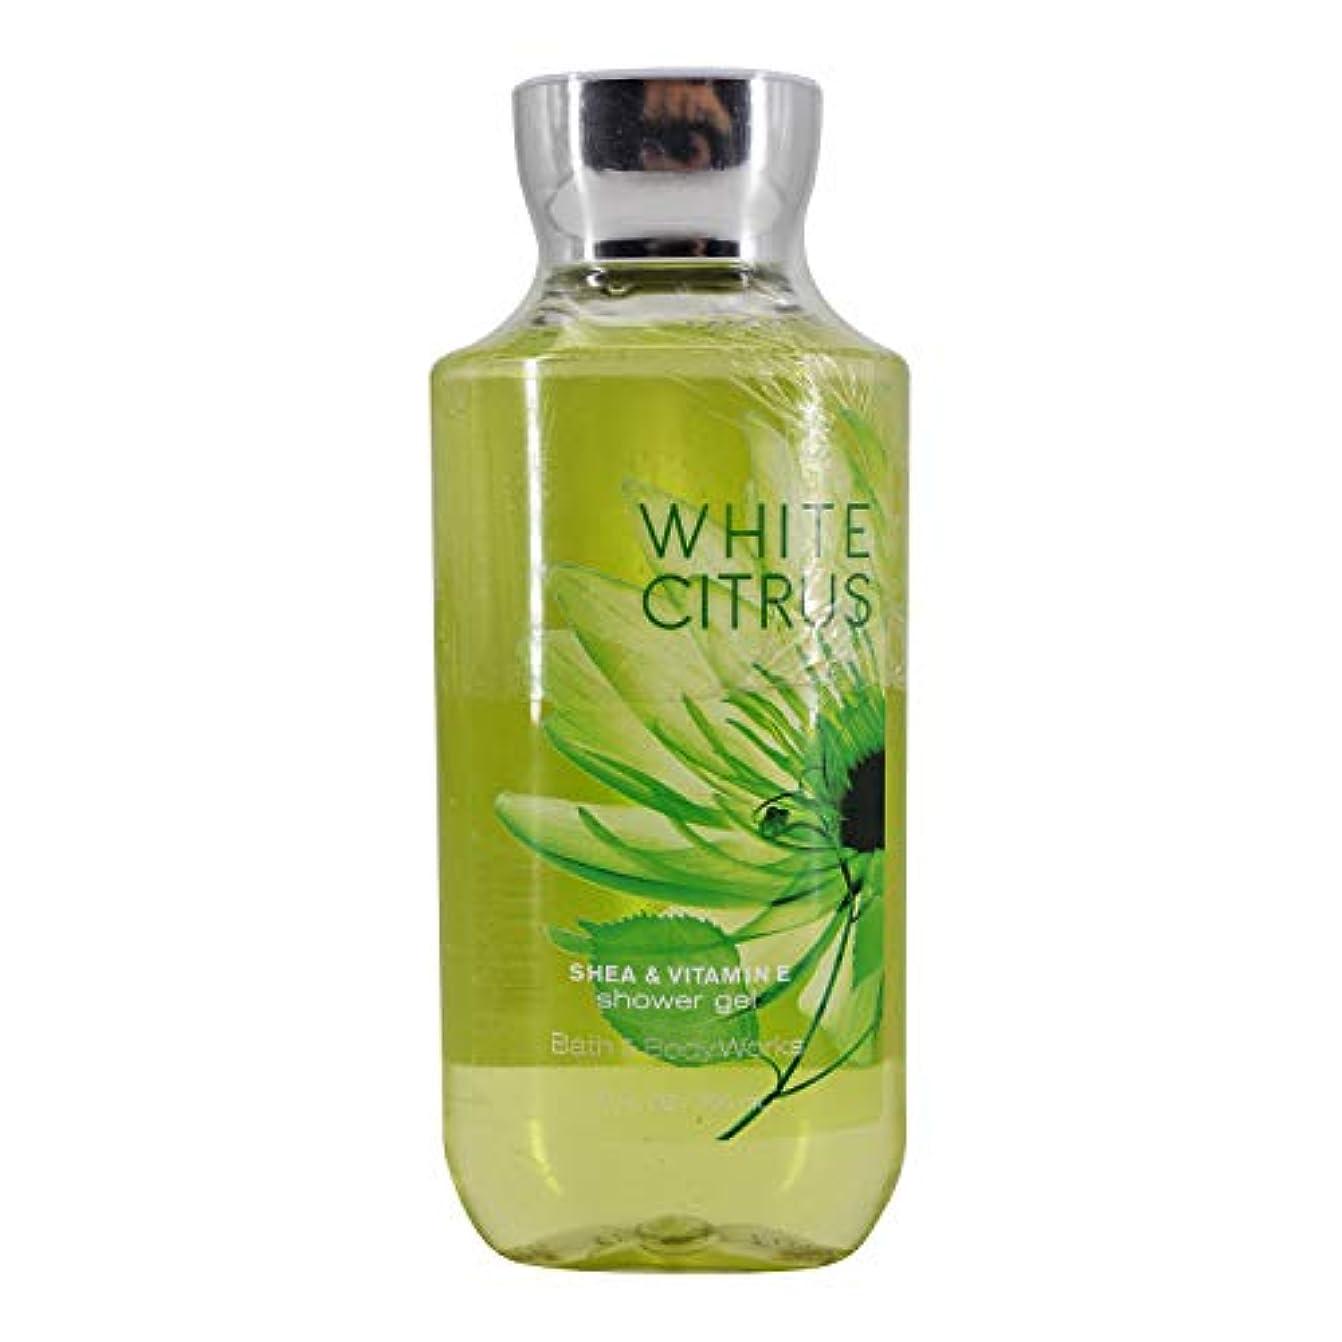 耳荒涼とした自宅で【Bath&Body Works/バス&ボディワークス】 シャワージェル ホワイトシトラス Shower Gel White Citrus 10 fl oz / 295 mL [並行輸入品]